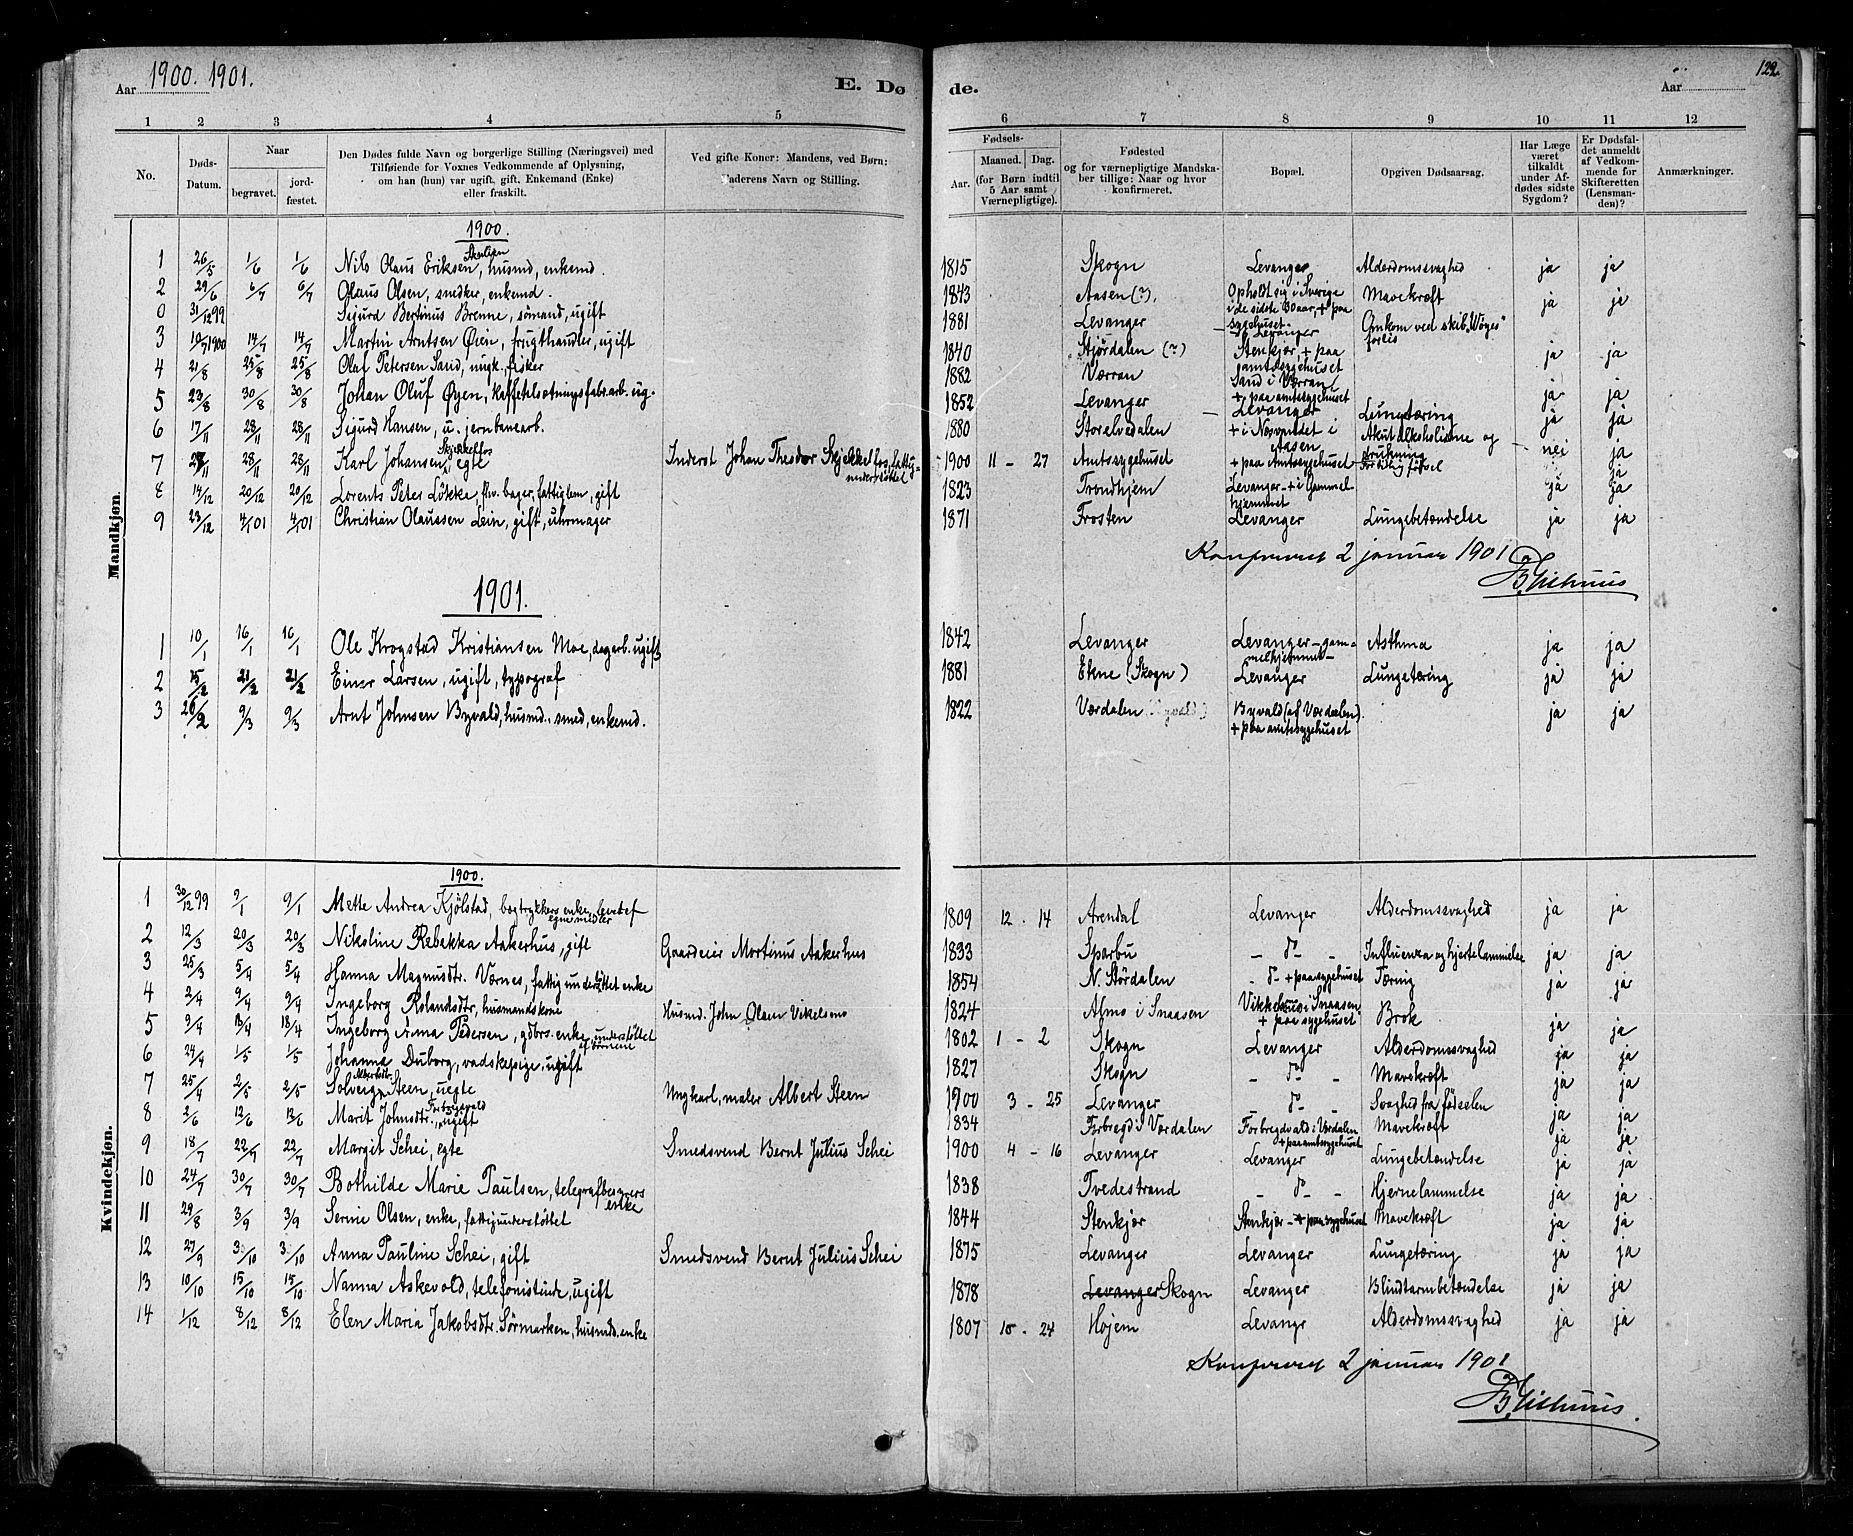 SAT, Ministerialprotokoller, klokkerbøker og fødselsregistre - Nord-Trøndelag, 720/L0192: Klokkerbok nr. 720C01, 1880-1917, s. 122